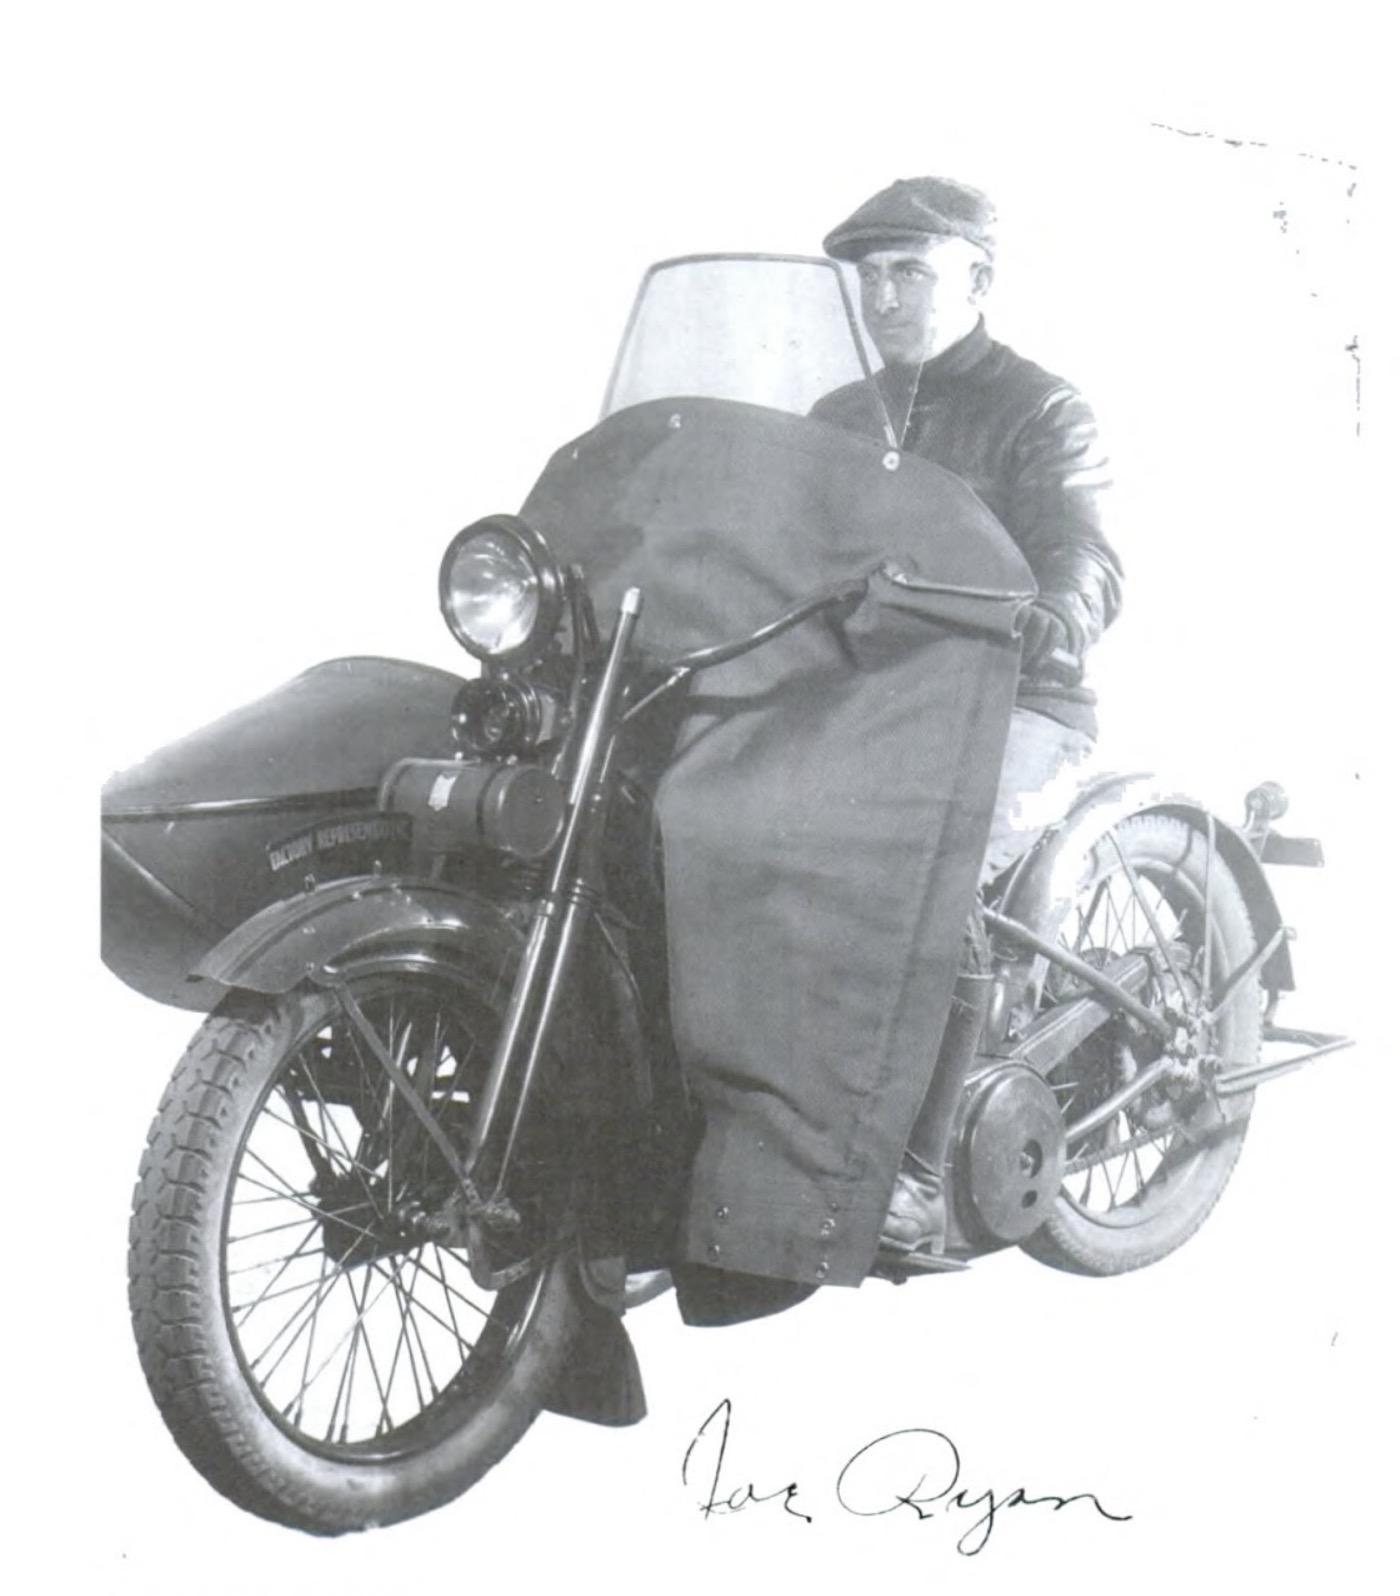 Joe Ryan en una foto de los años 20 - Director de la Escuela